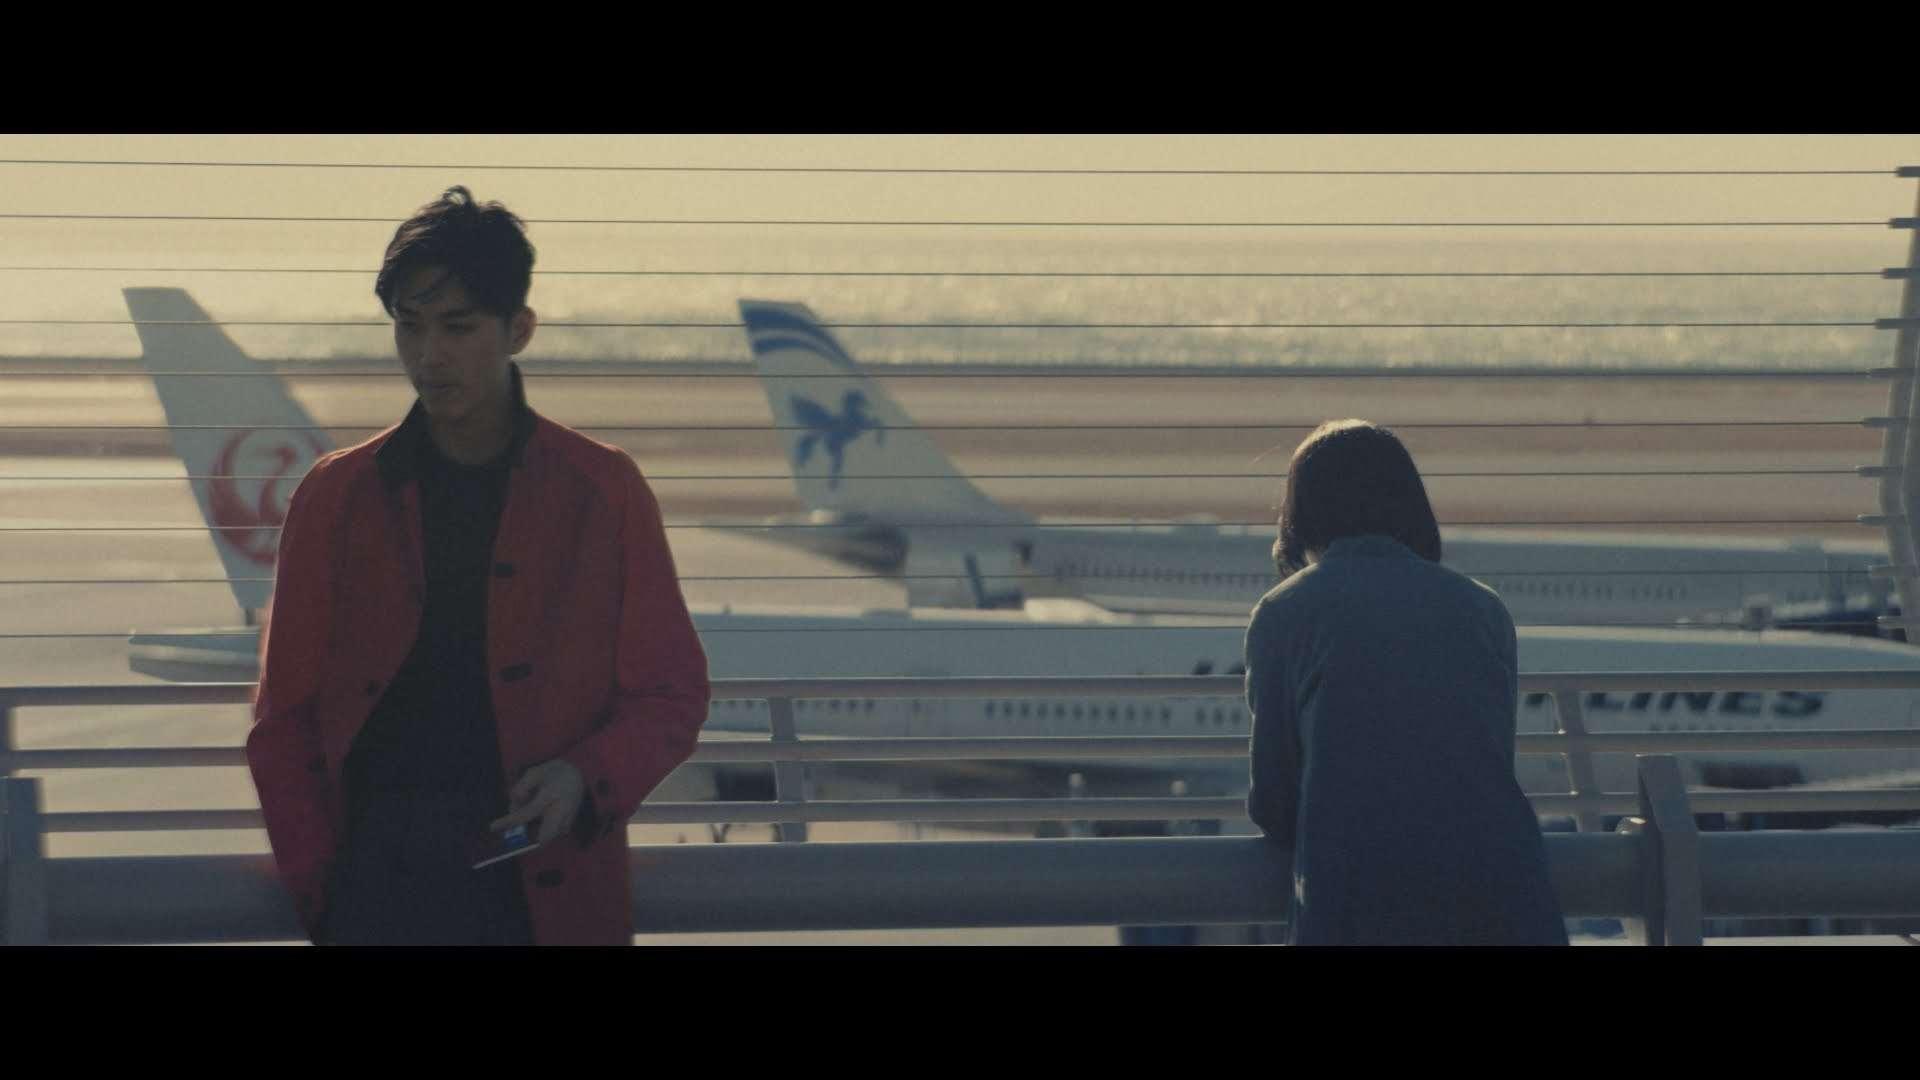 松田翔太主演 キシリッシュ 「ハァ~したくなる」 30秒篇 - YouTube